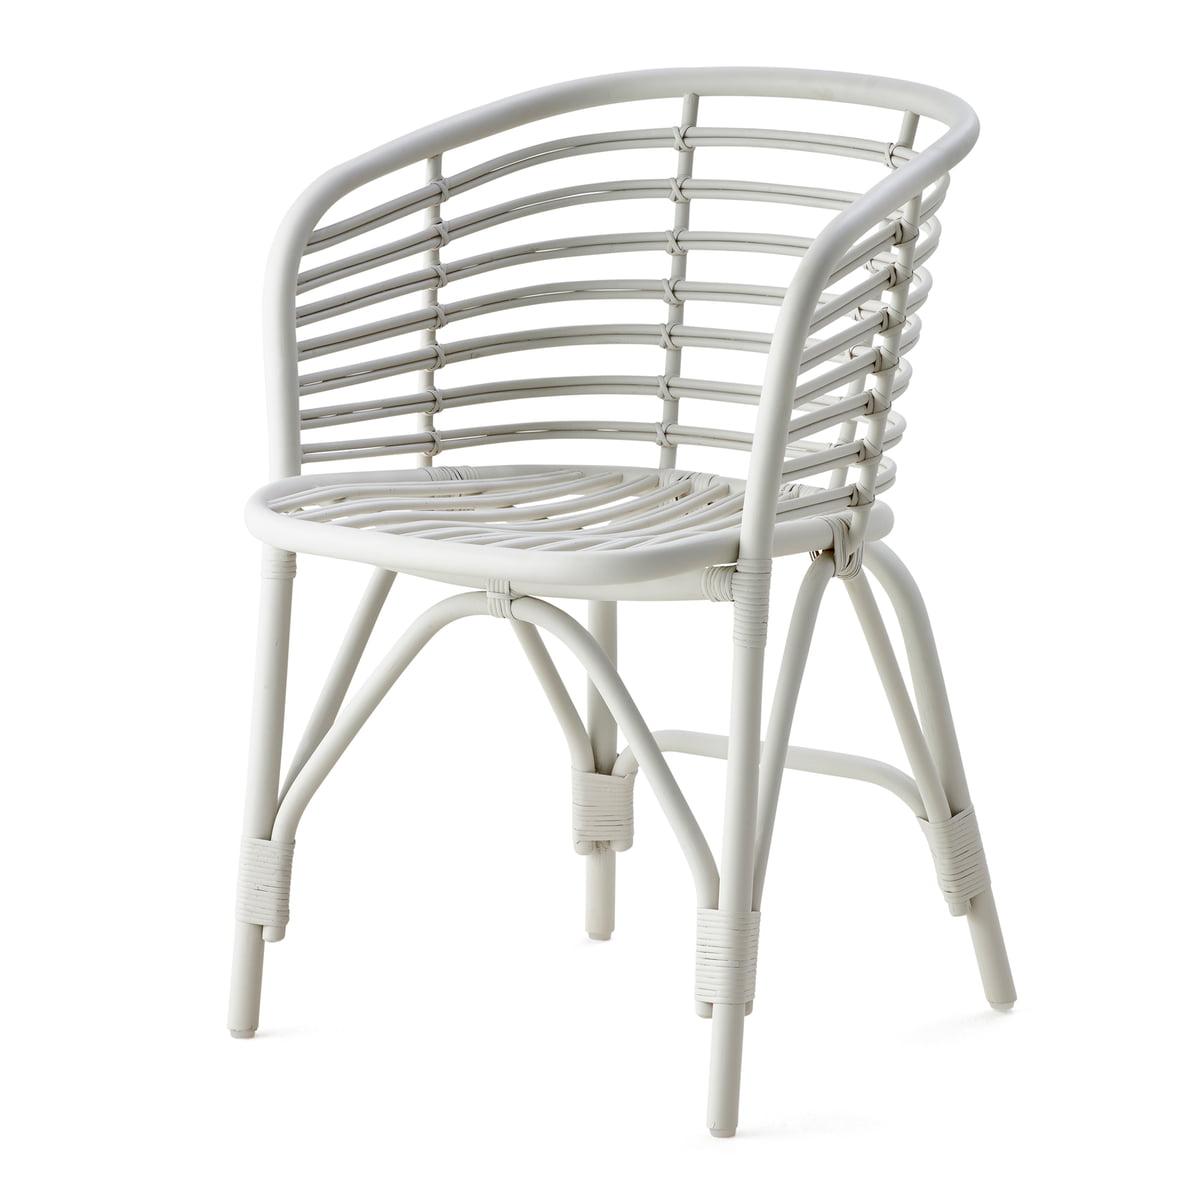 Cane-line - Blend Sessel Indoor, weiß